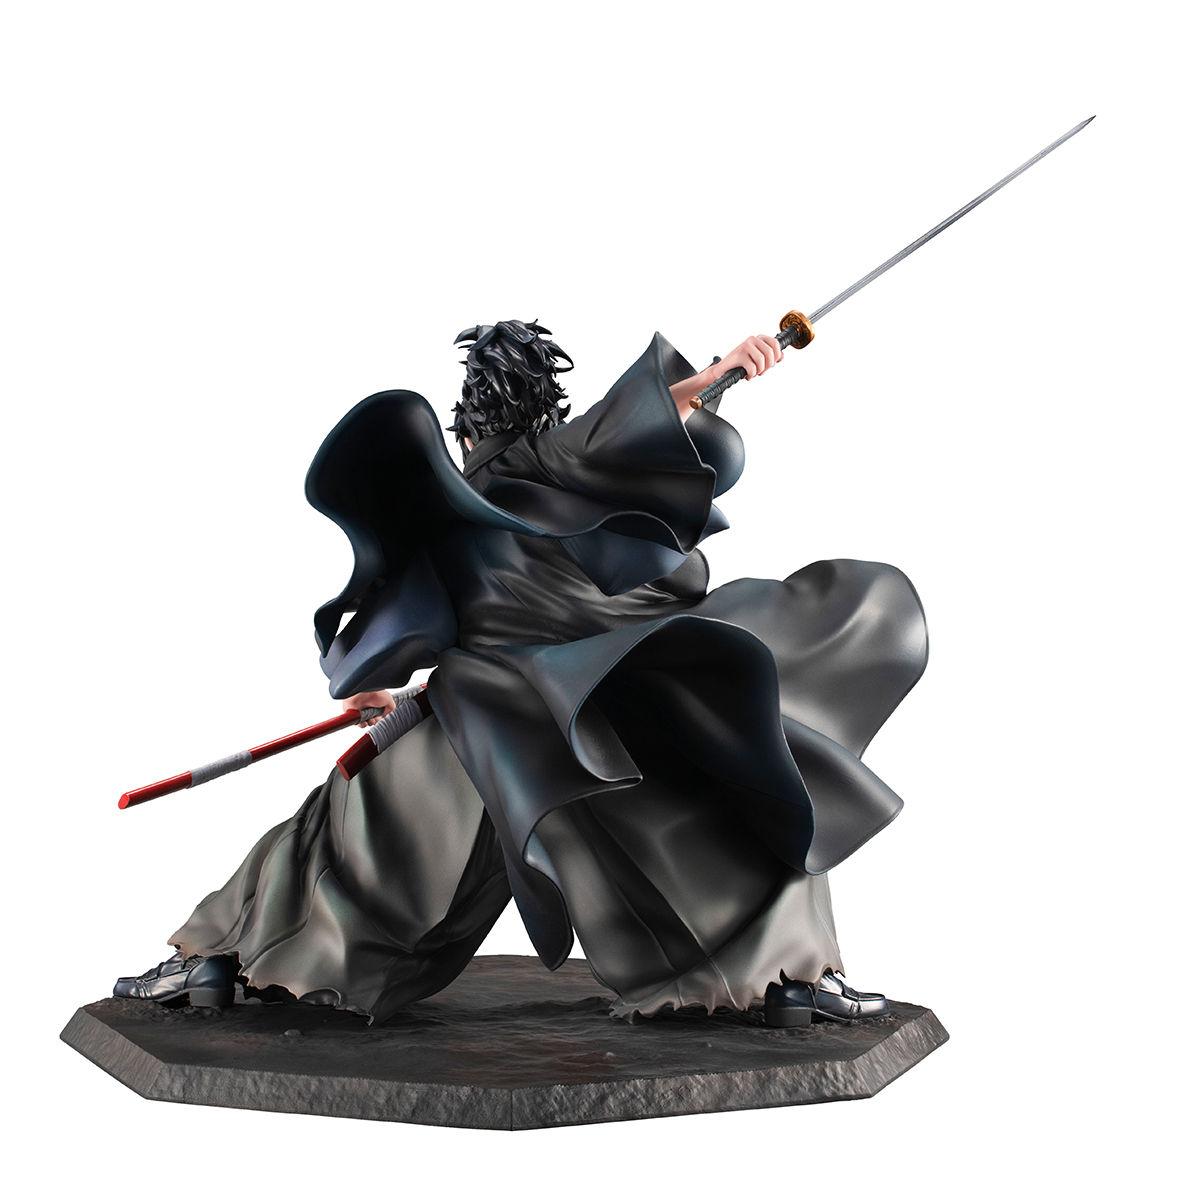 【限定販売】Fate/Grand Order『アサシン/岡田以蔵』1/8 完成品フィギュア-005